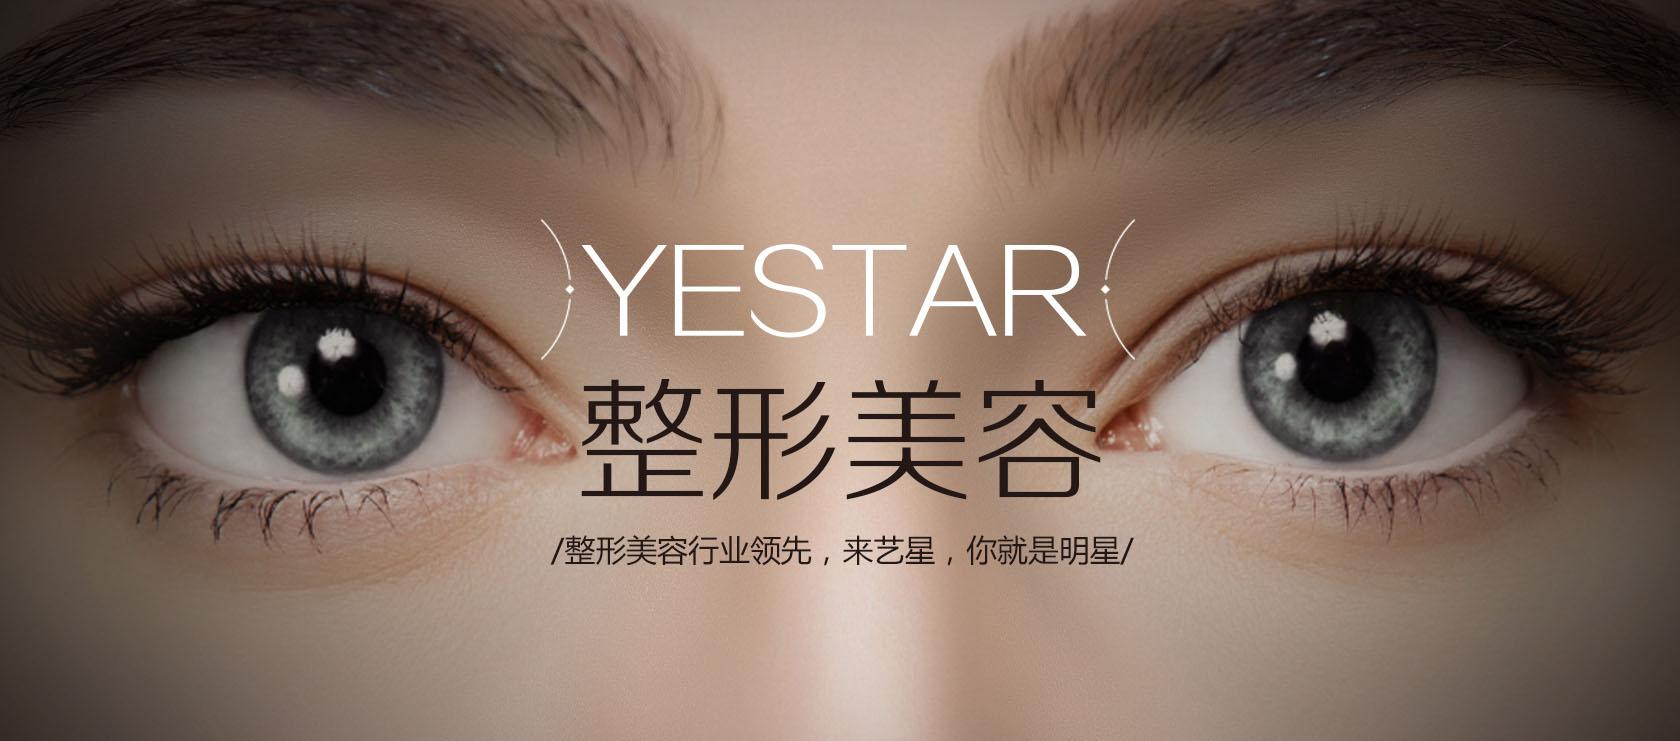 上海艺星整形医院整形美容